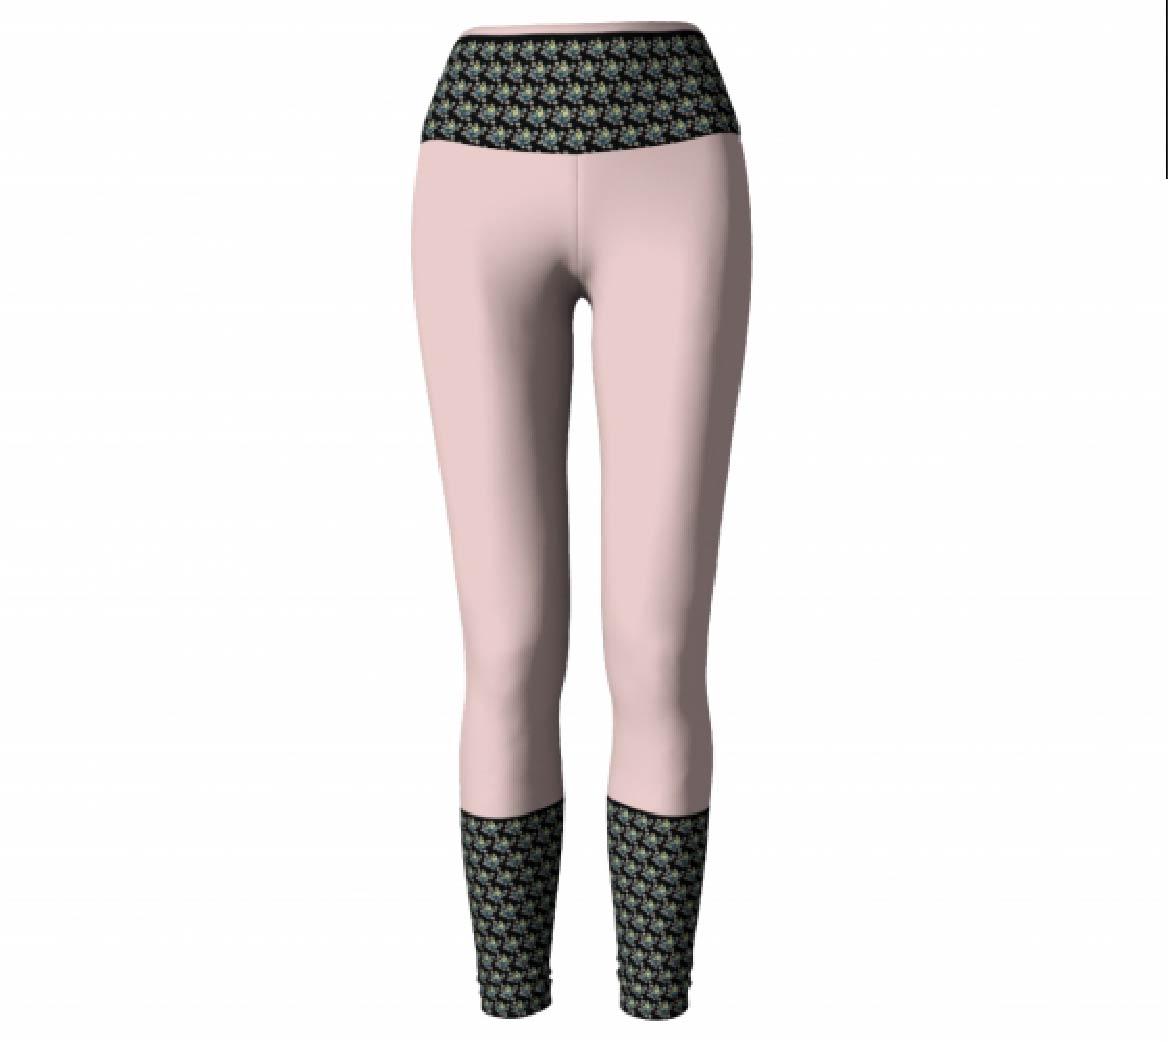 Pink Leggings         $45